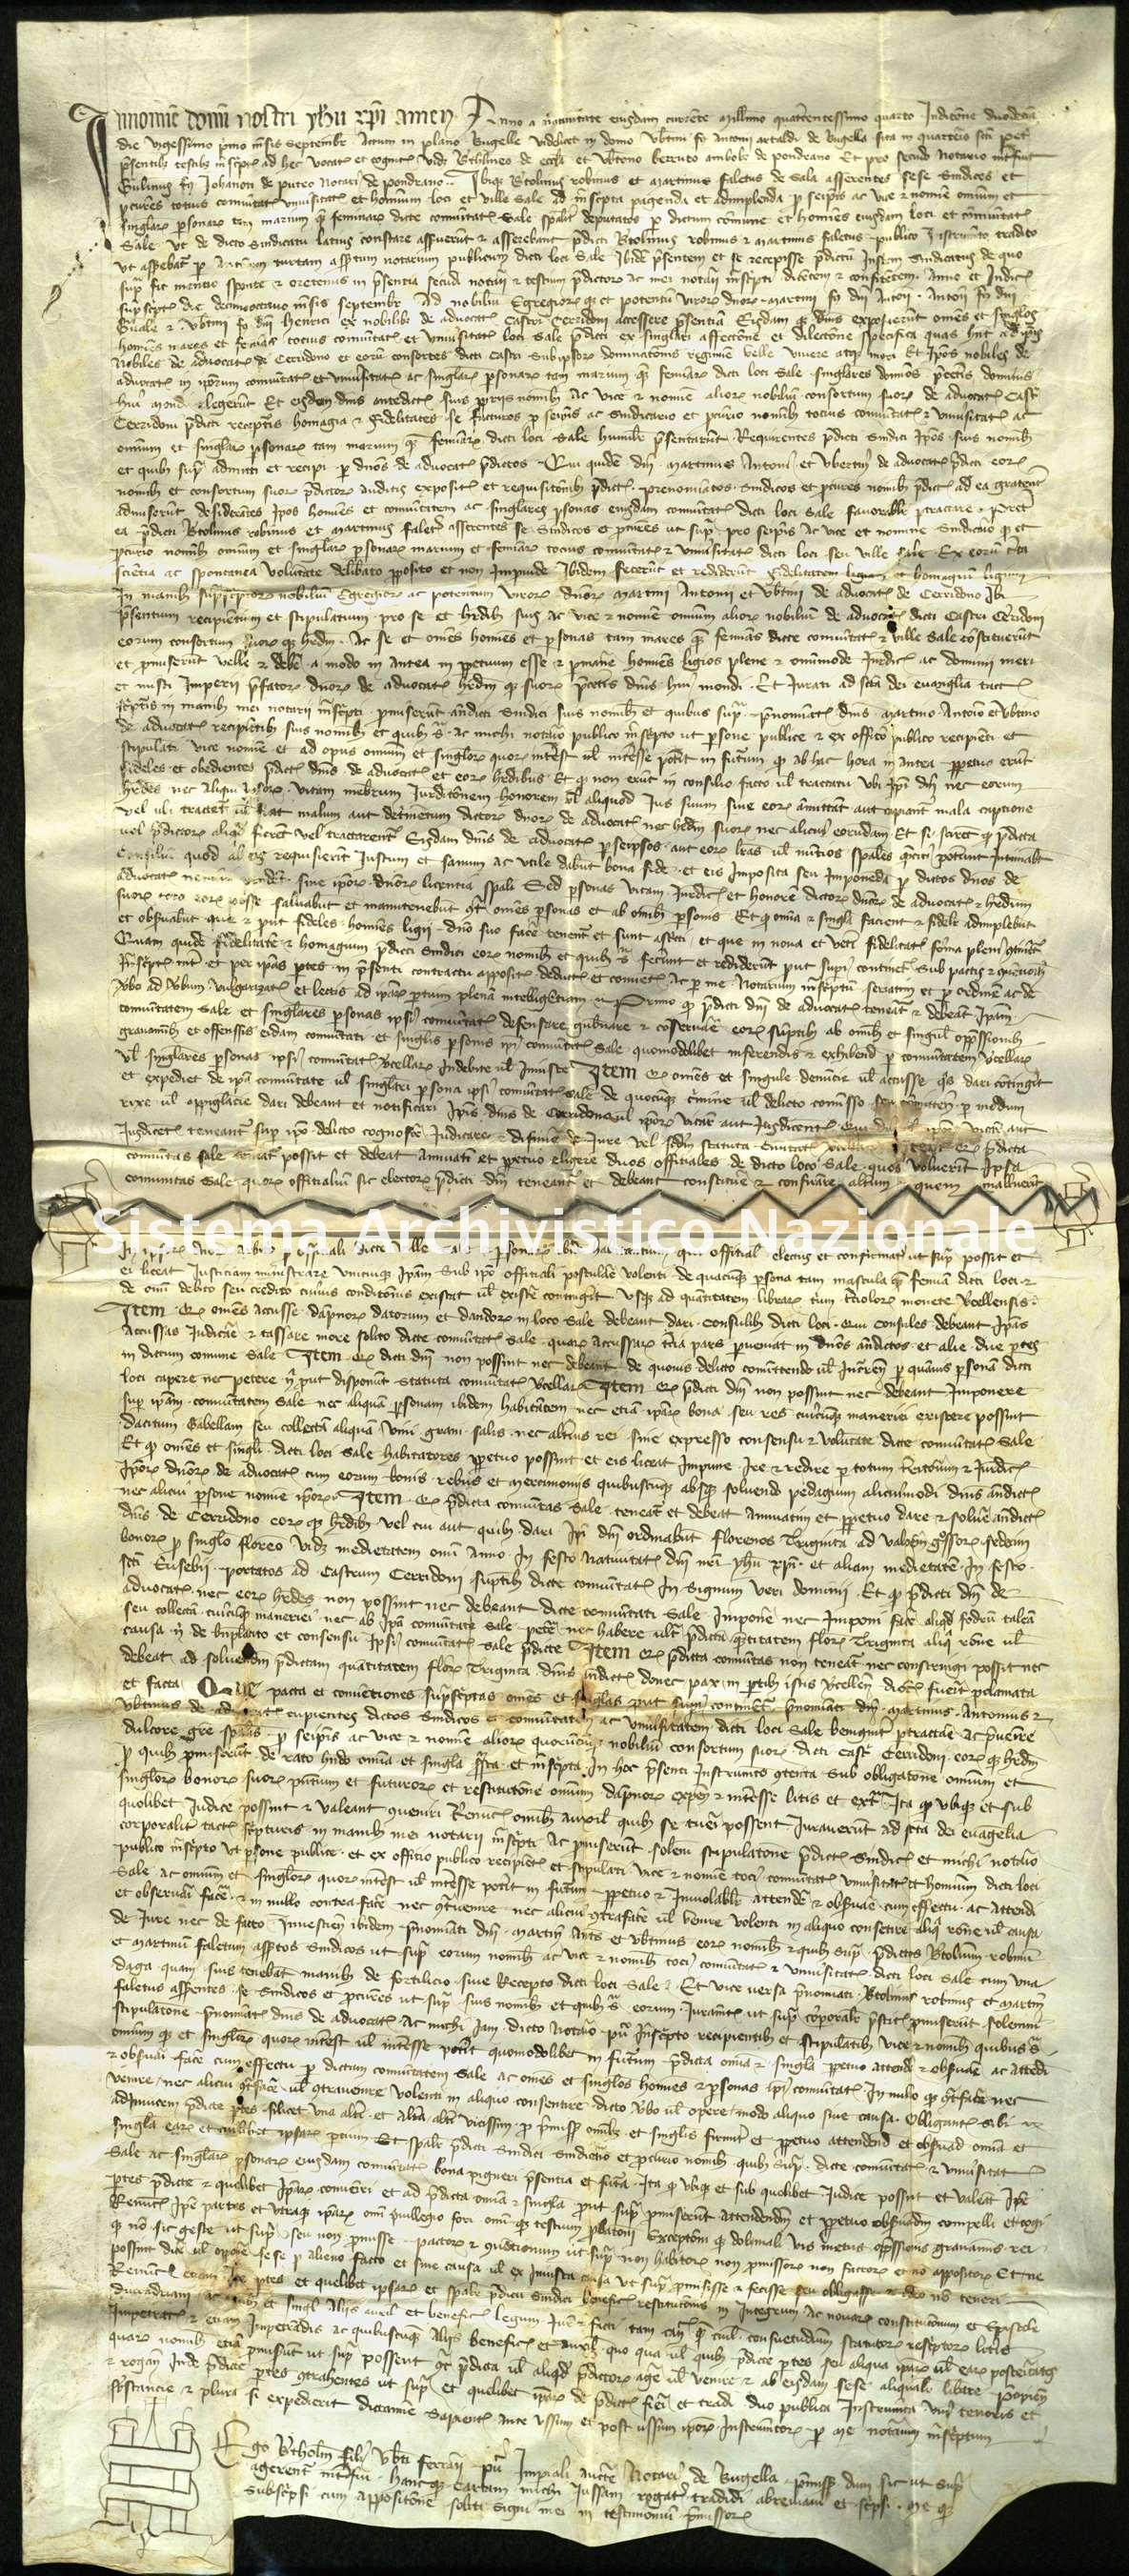 Archivio di Stato di Biella, Avogadro di Valdengo, Pergamene, Pergamene I, Vintebbio, Biella, 21 settembre 1404